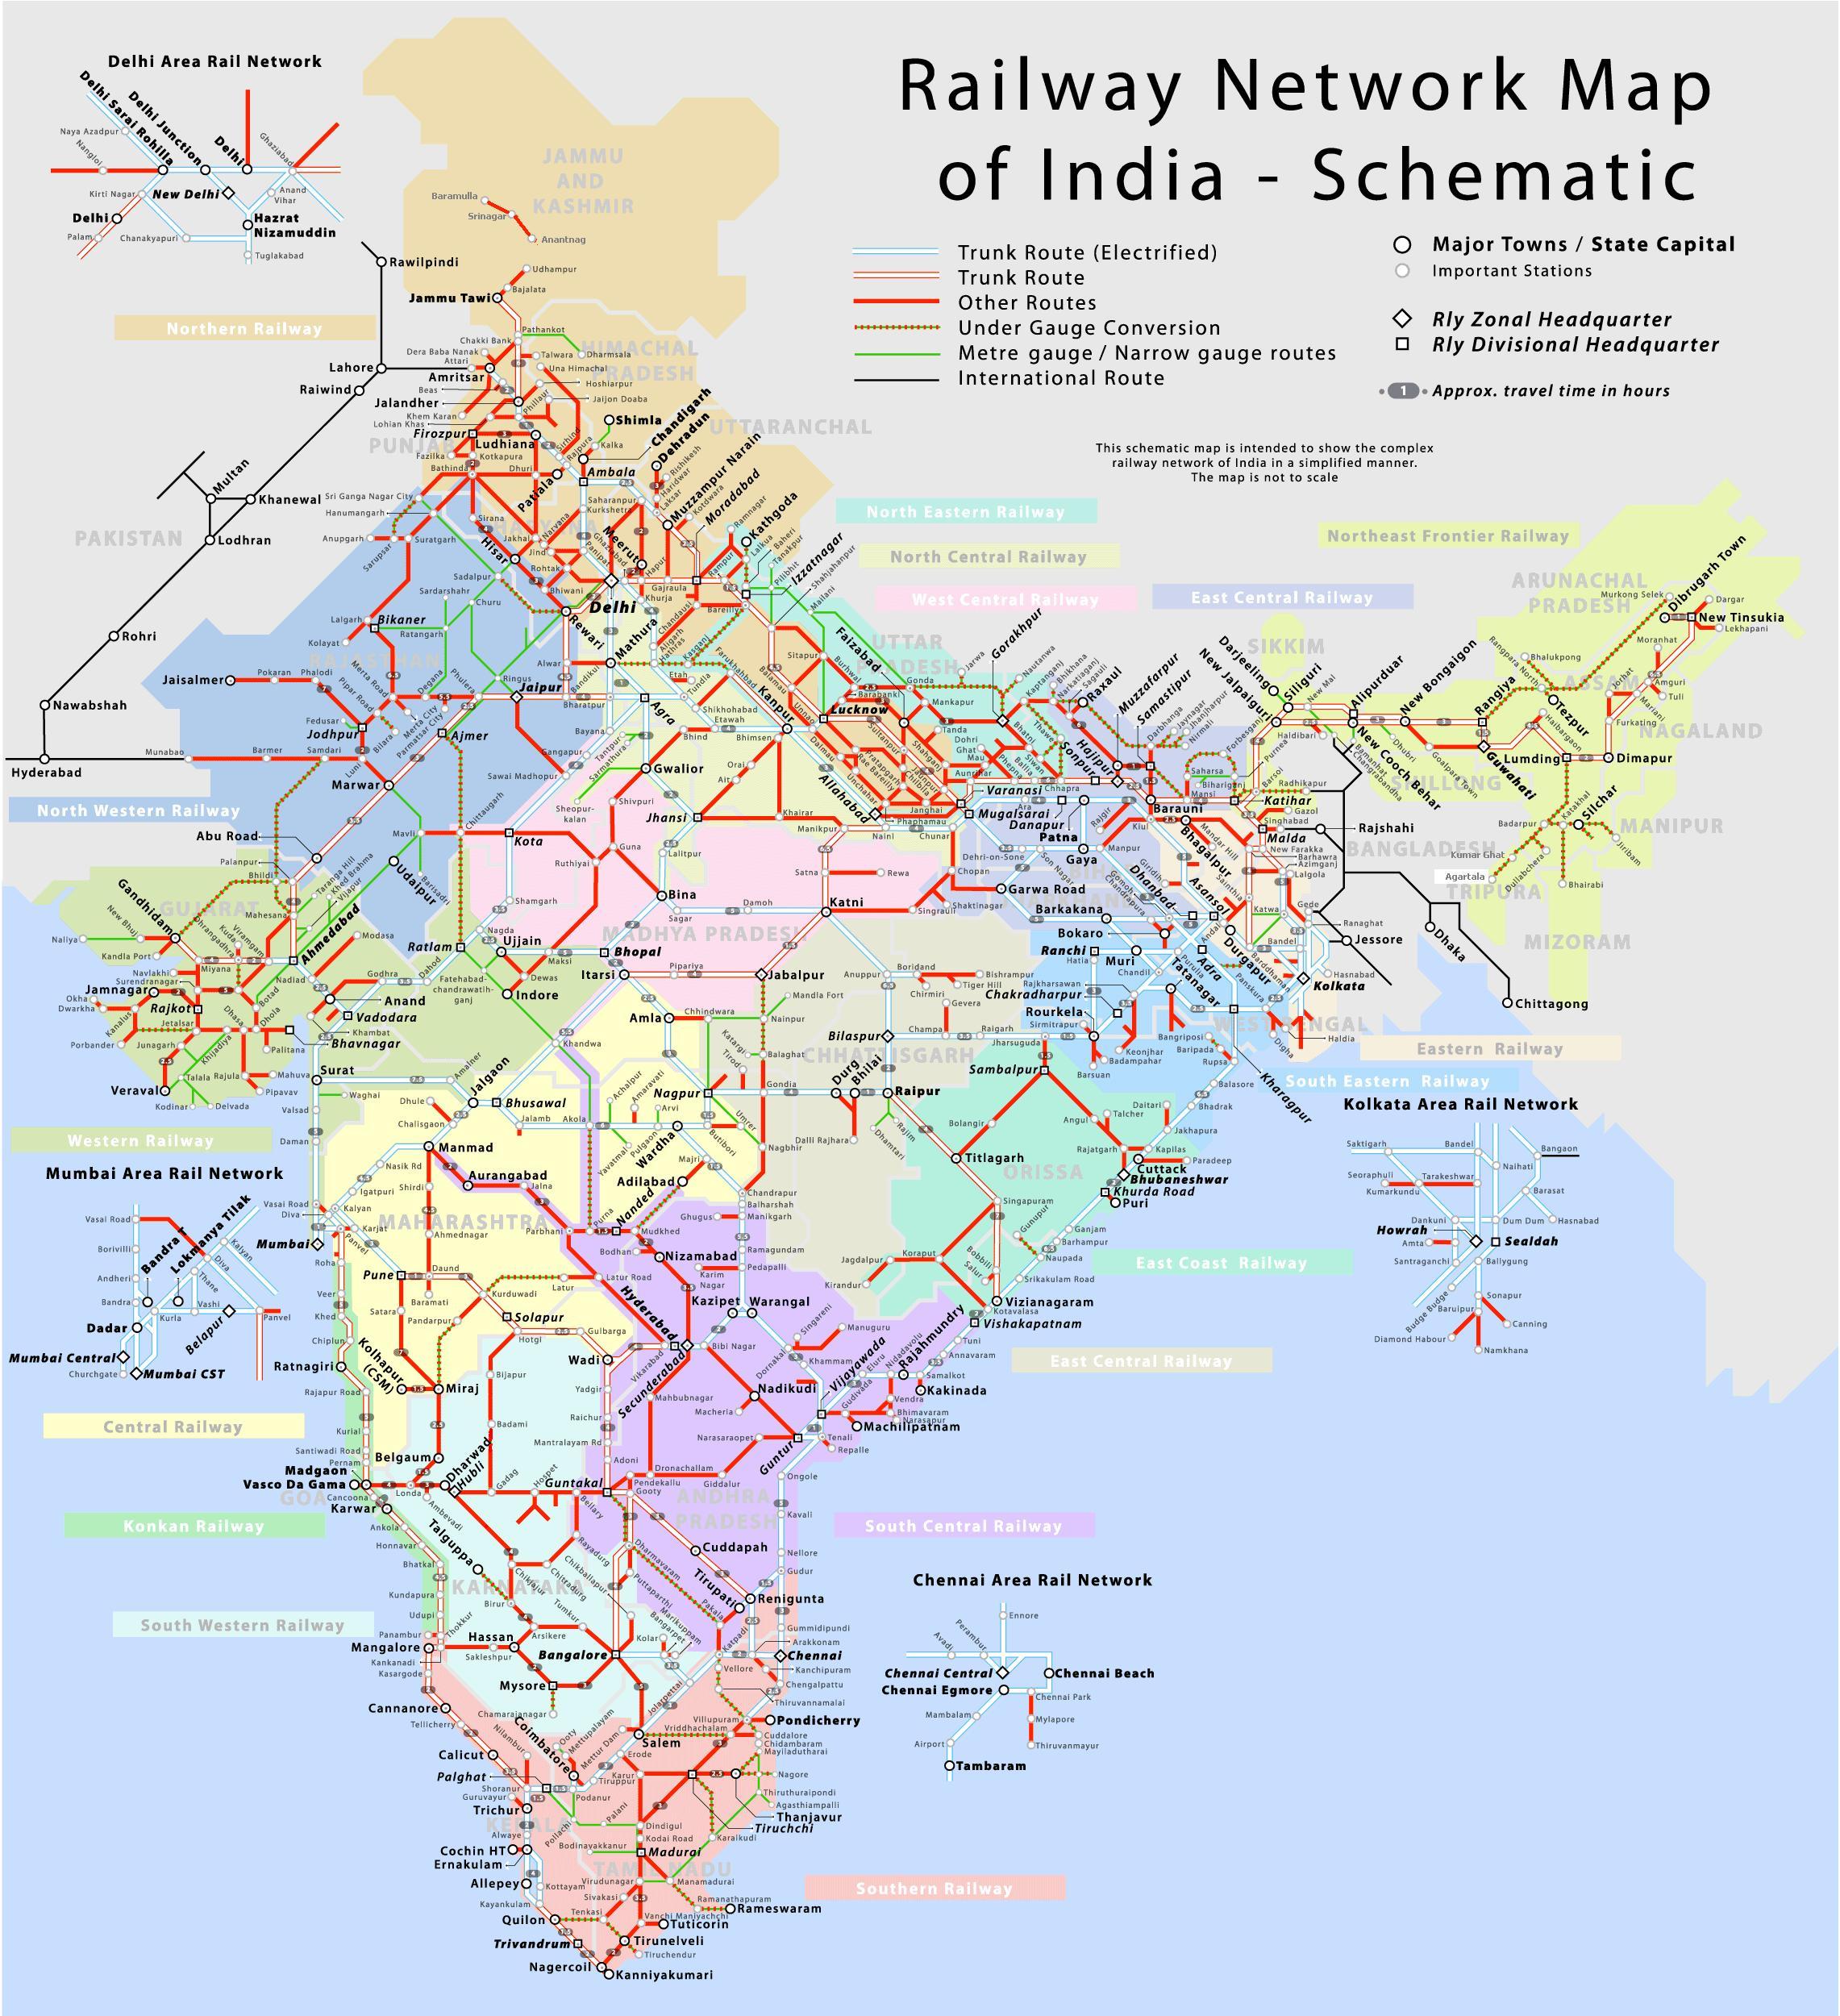 Karta Och Avstand.Indien Jarnvag Karta Med Avstand Jarnvagen Karta Over Indien Med